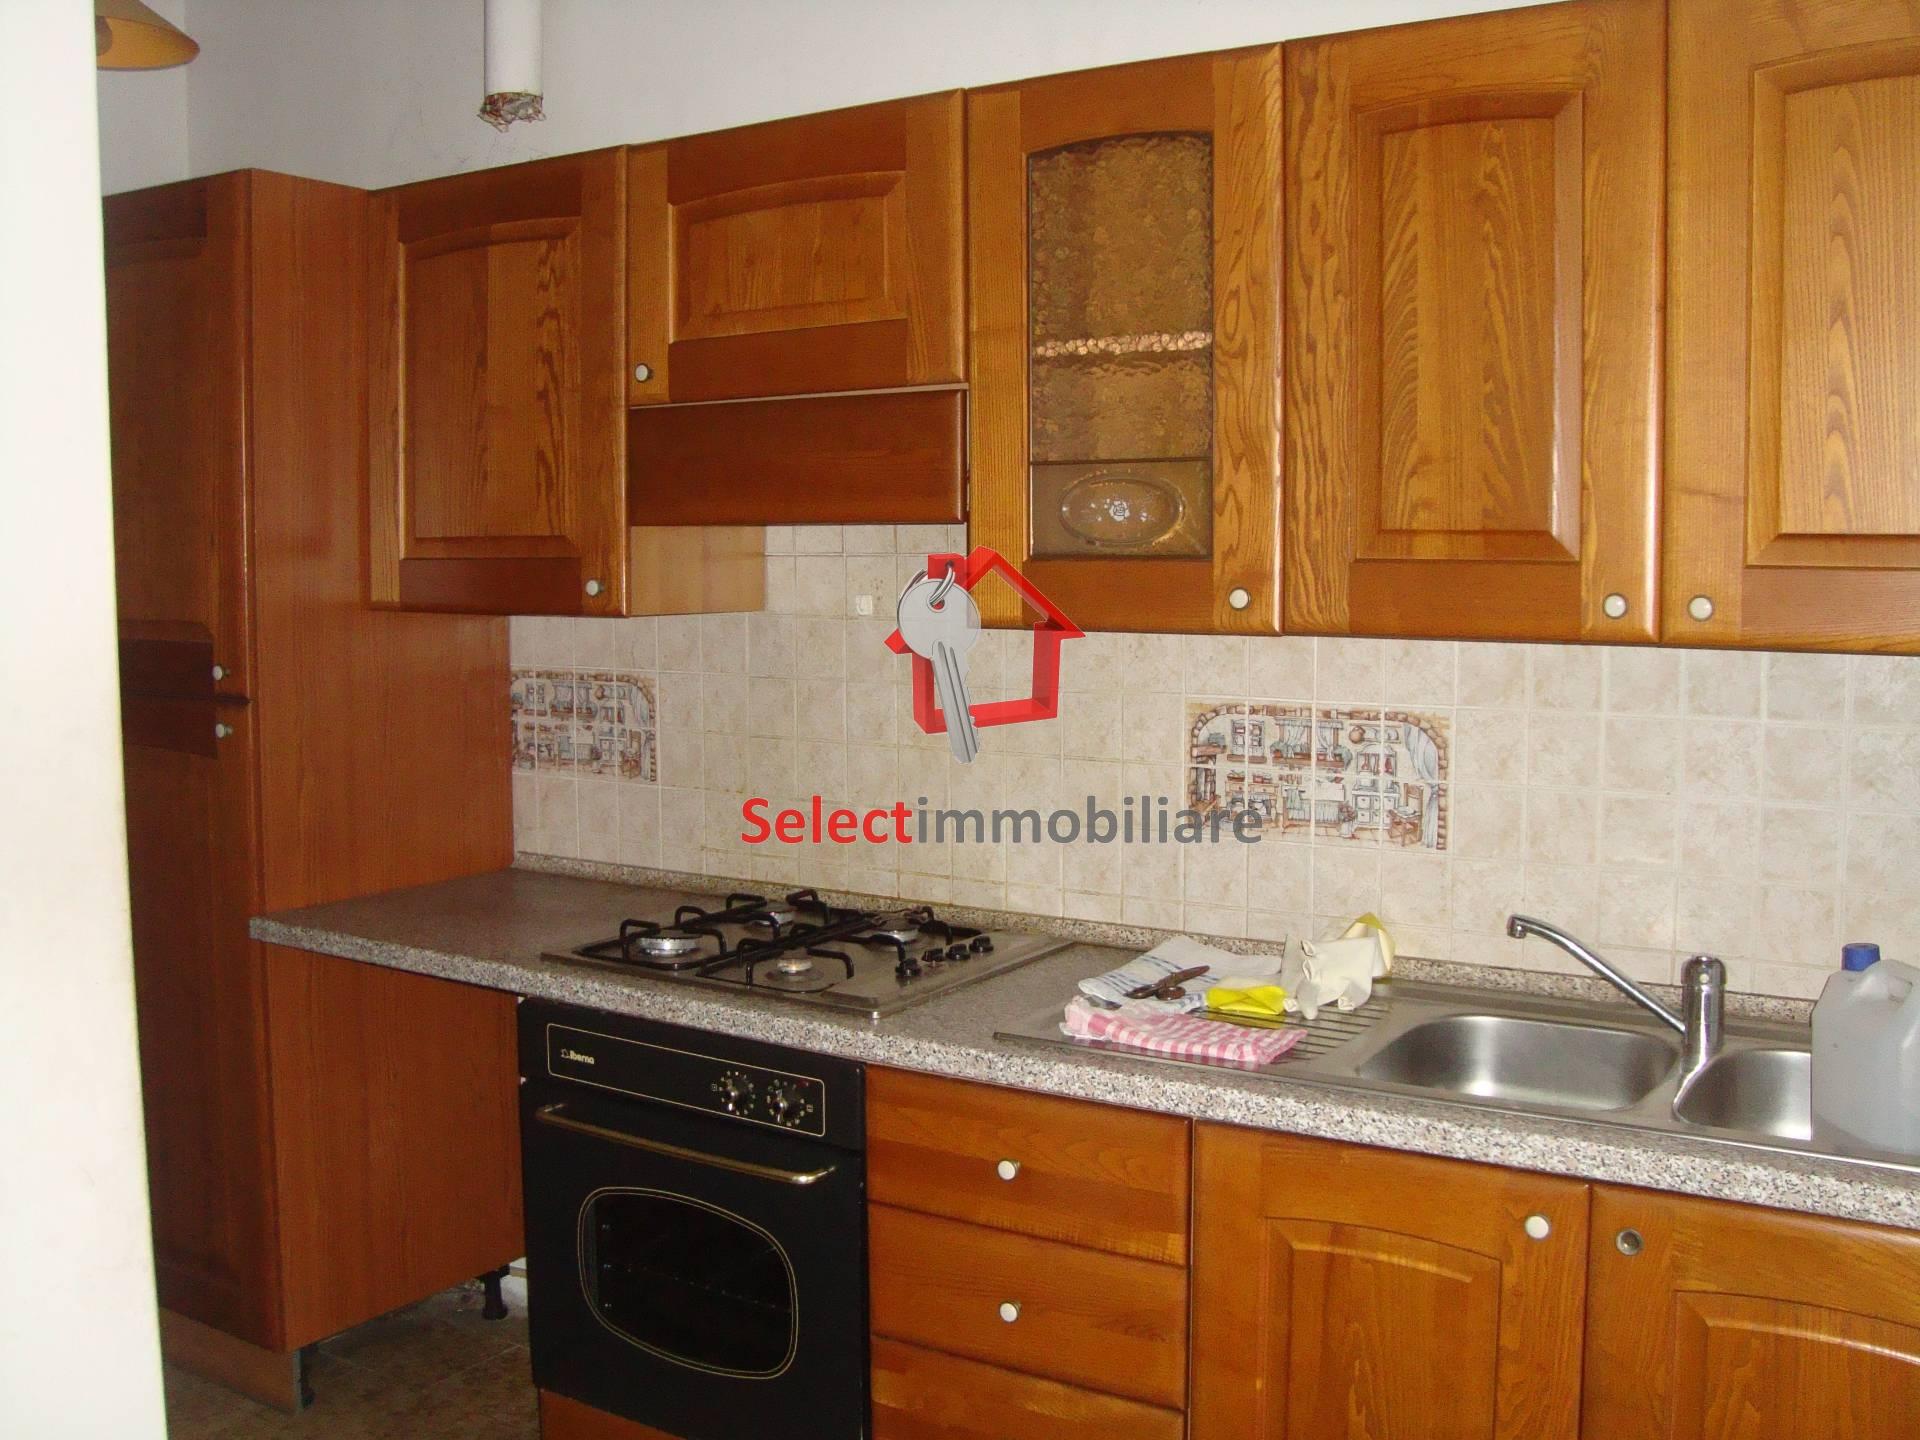 Appartamento in vendita a Borgo a Mozzano, 6 locali, zona Zona: Chifenti, prezzo € 60.000   CambioCasa.it